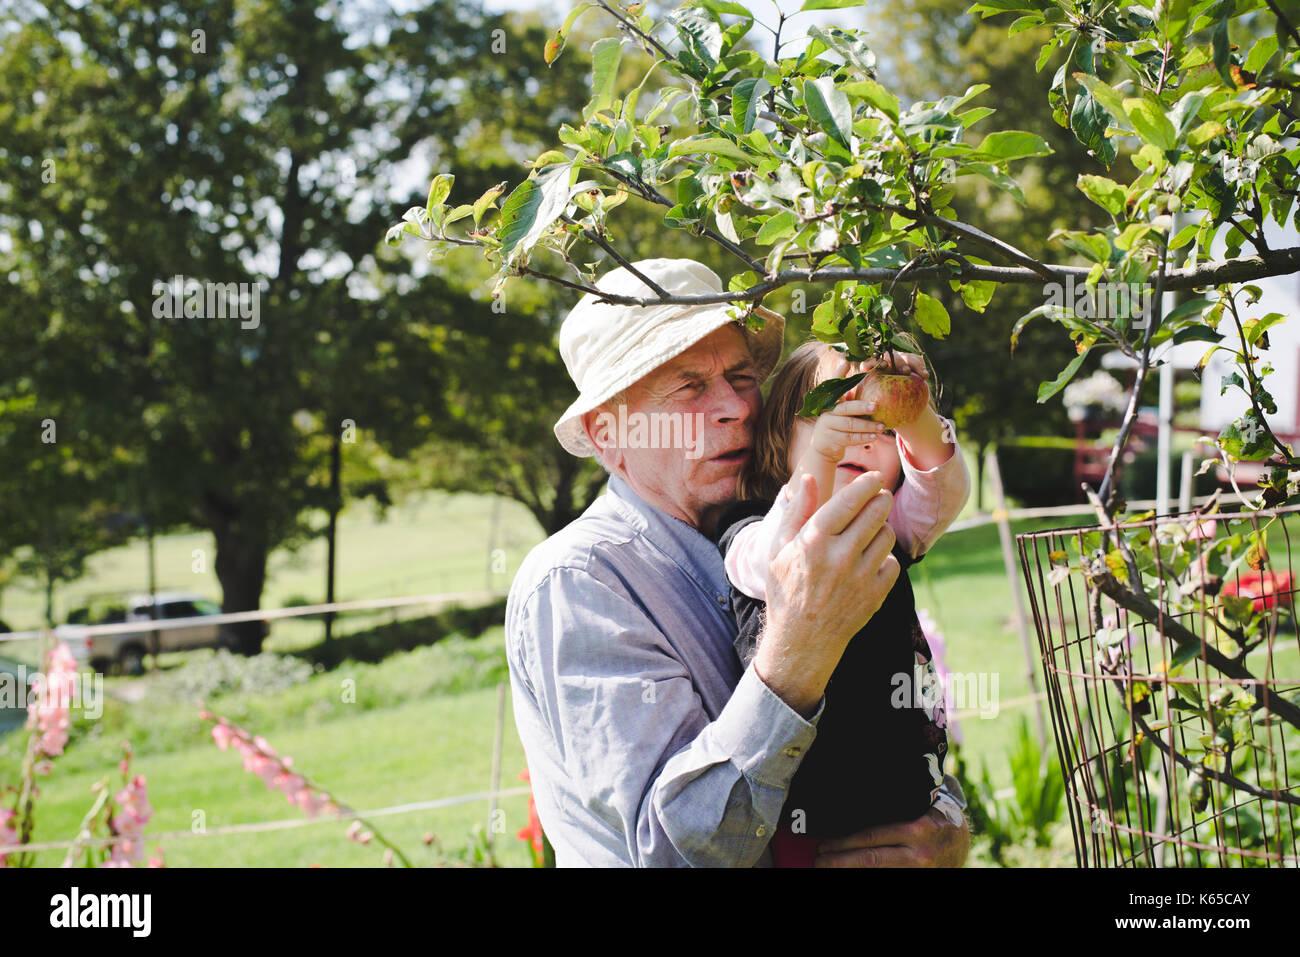 Un nonno aiuta il suo nipote scegliere un Apple fuori da un albero. Immagini Stock